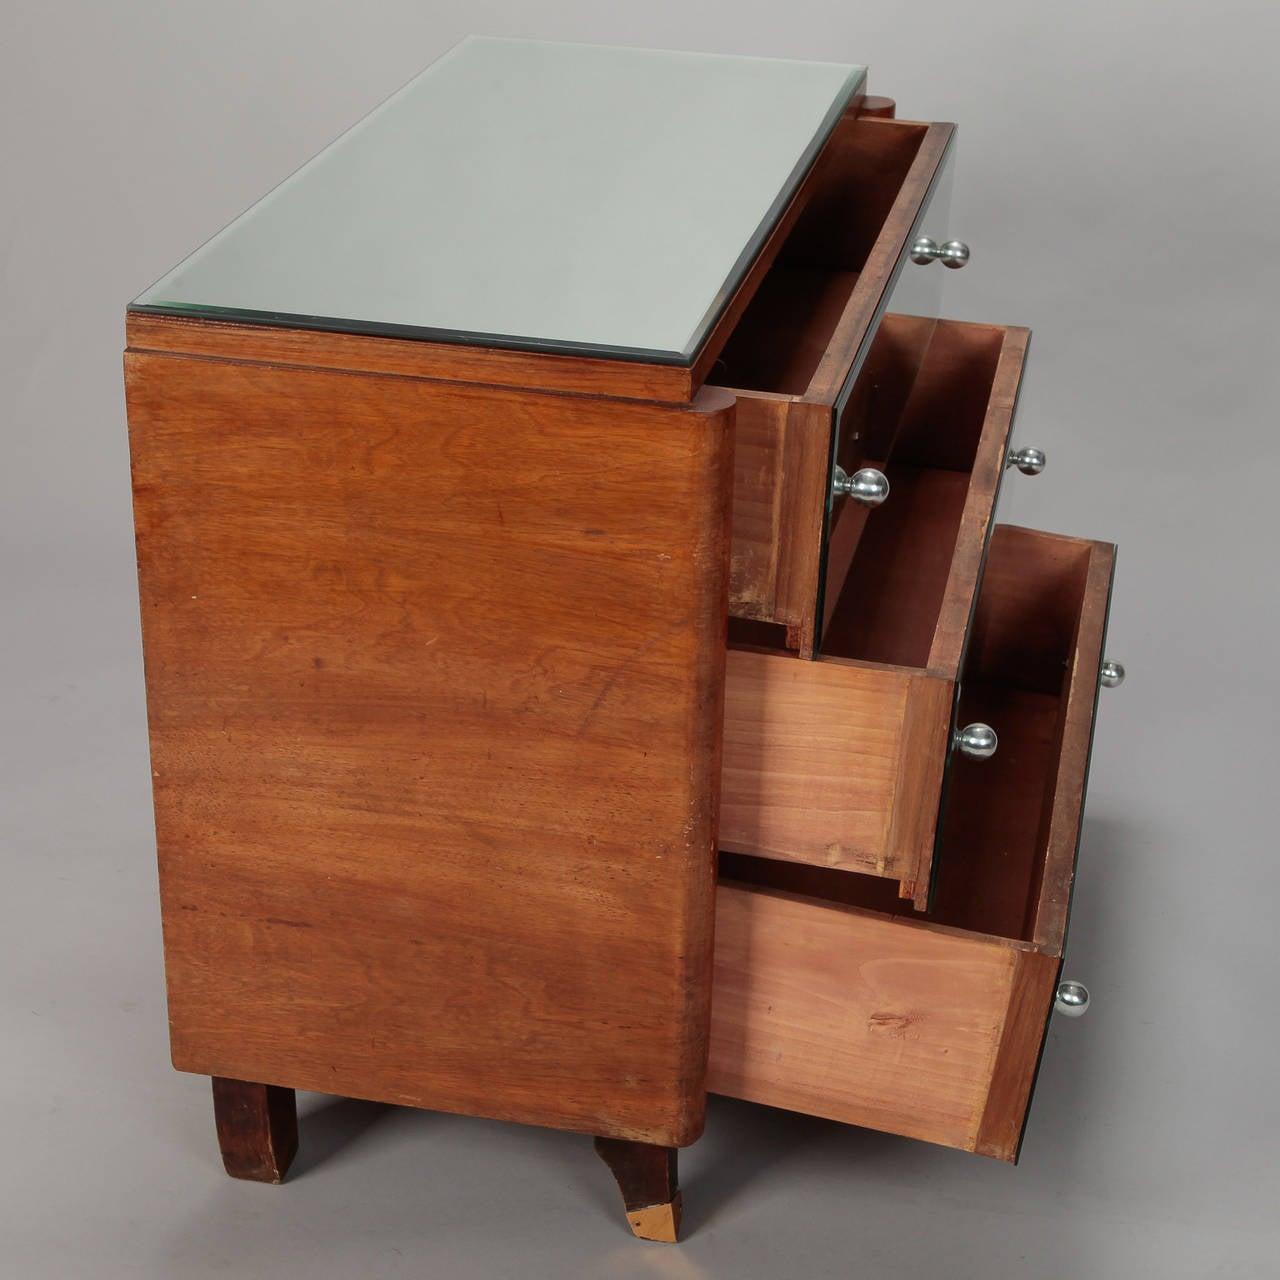 Art Deco Era Mirrored Walnut Chest of Drawers 1